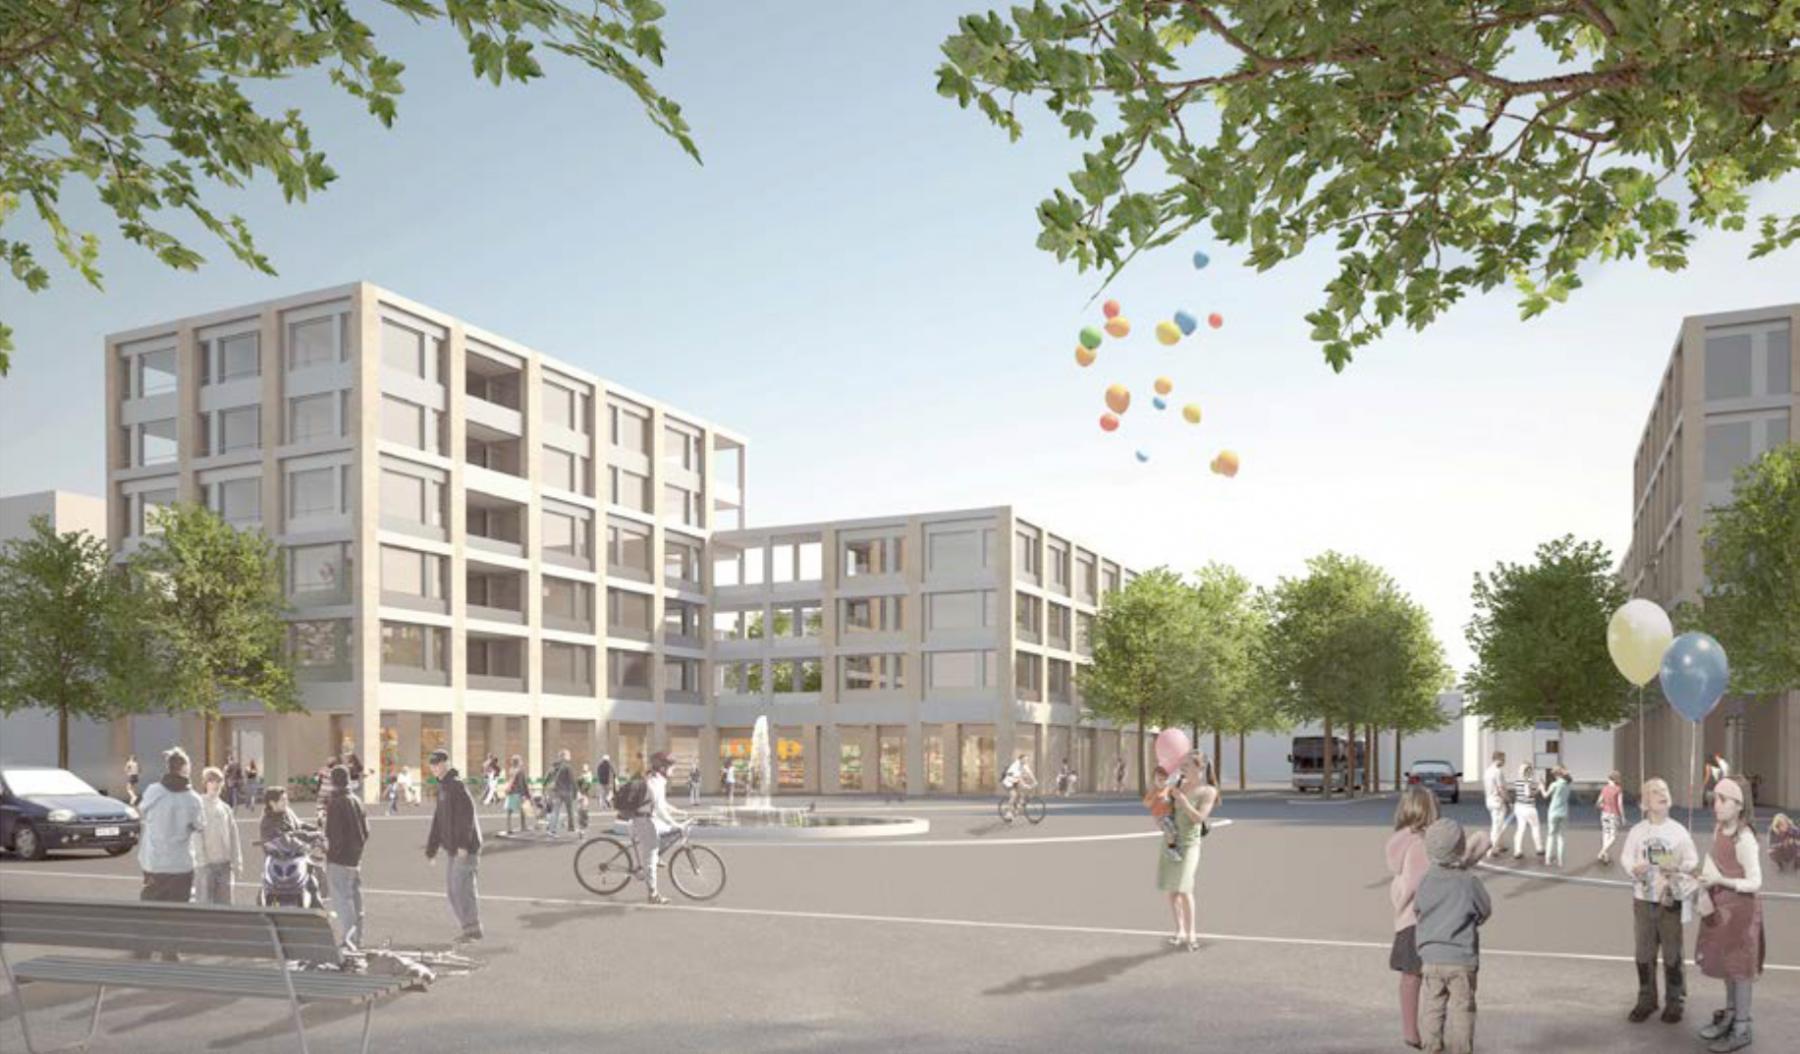 Zentrumsentwicklung Geroldswil, Baumberger & Stegmeier mit Berchtold.Lenzin Landschaftsarchitekten